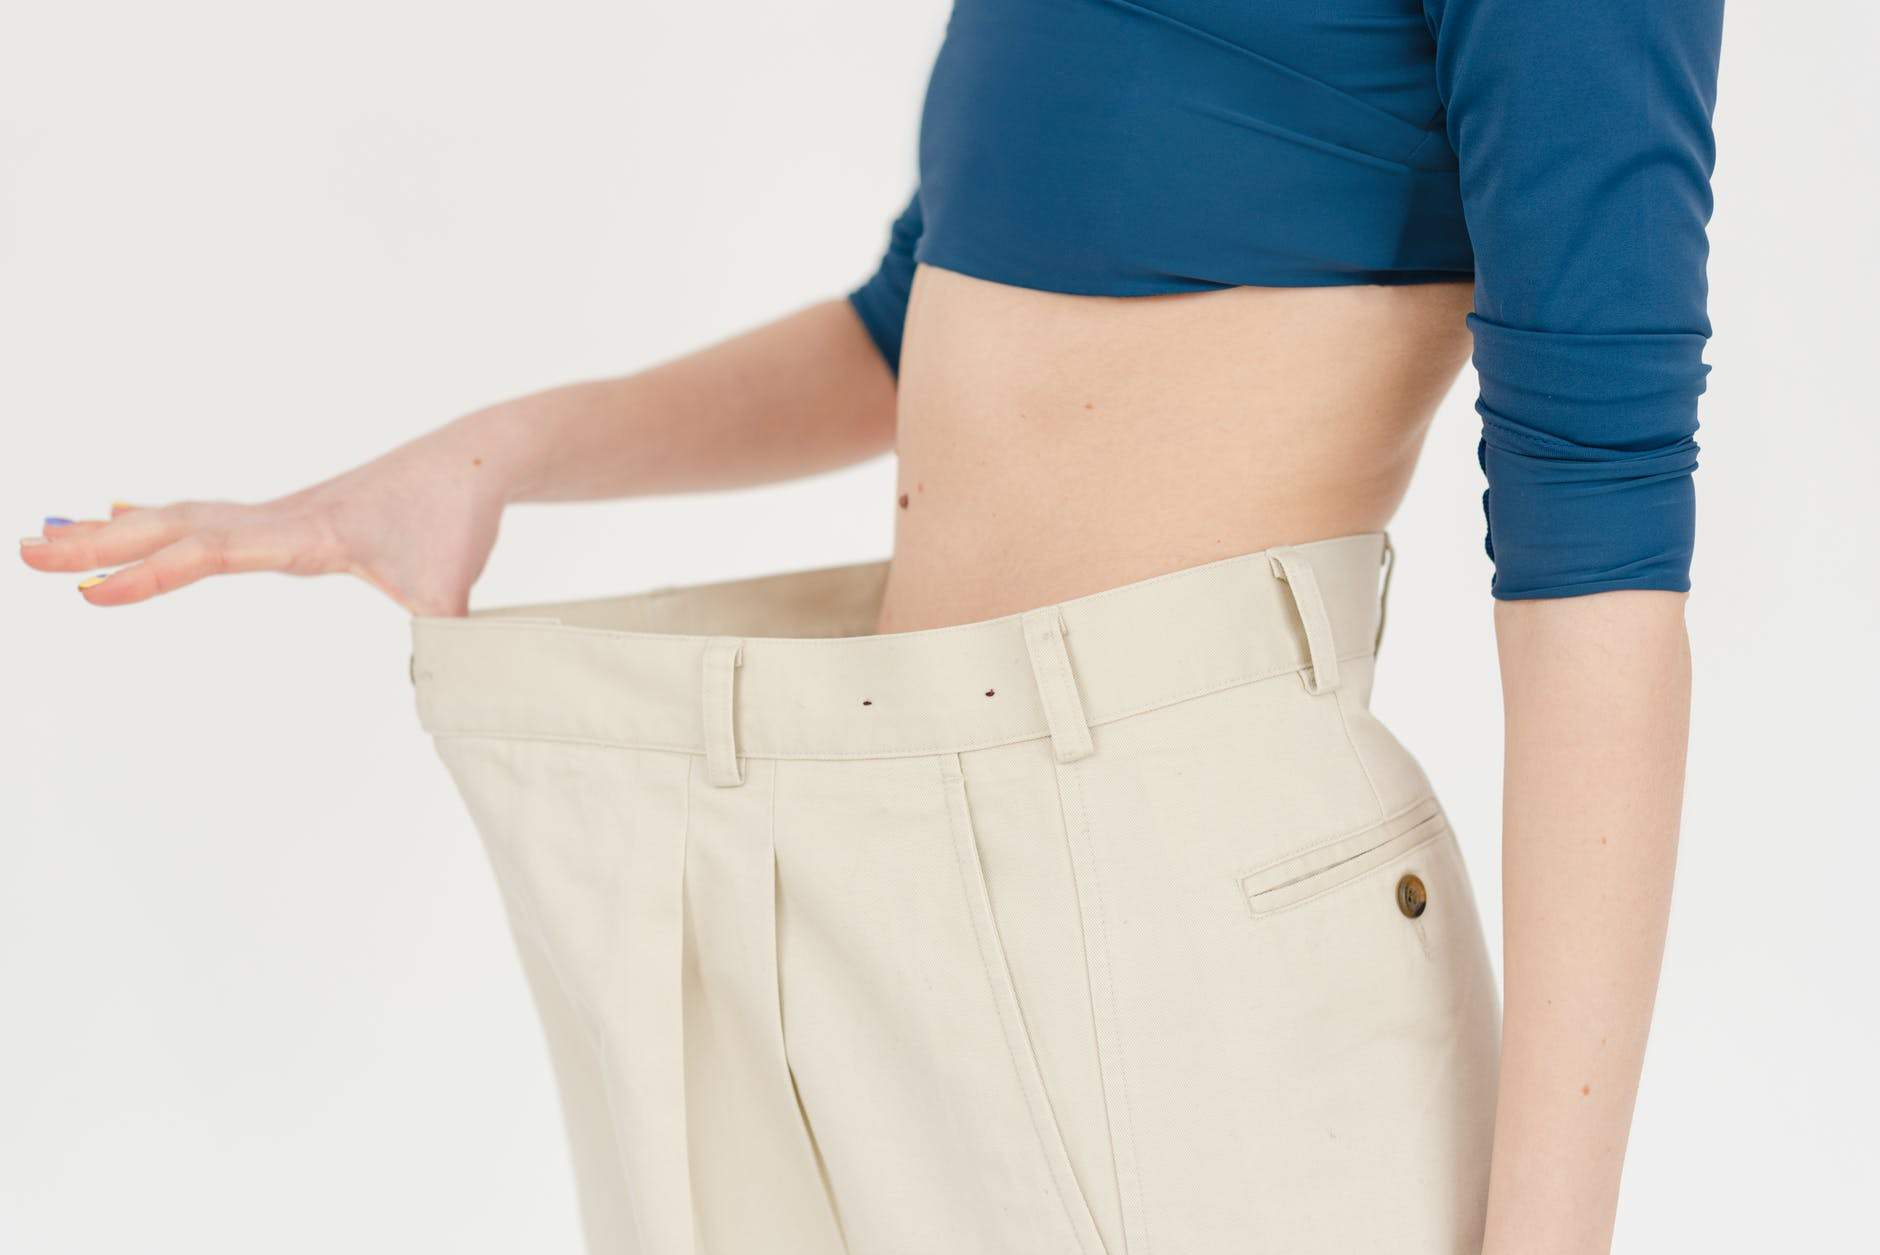 Важливо вдосконалювати самопочуття, а не відмітку на вагах